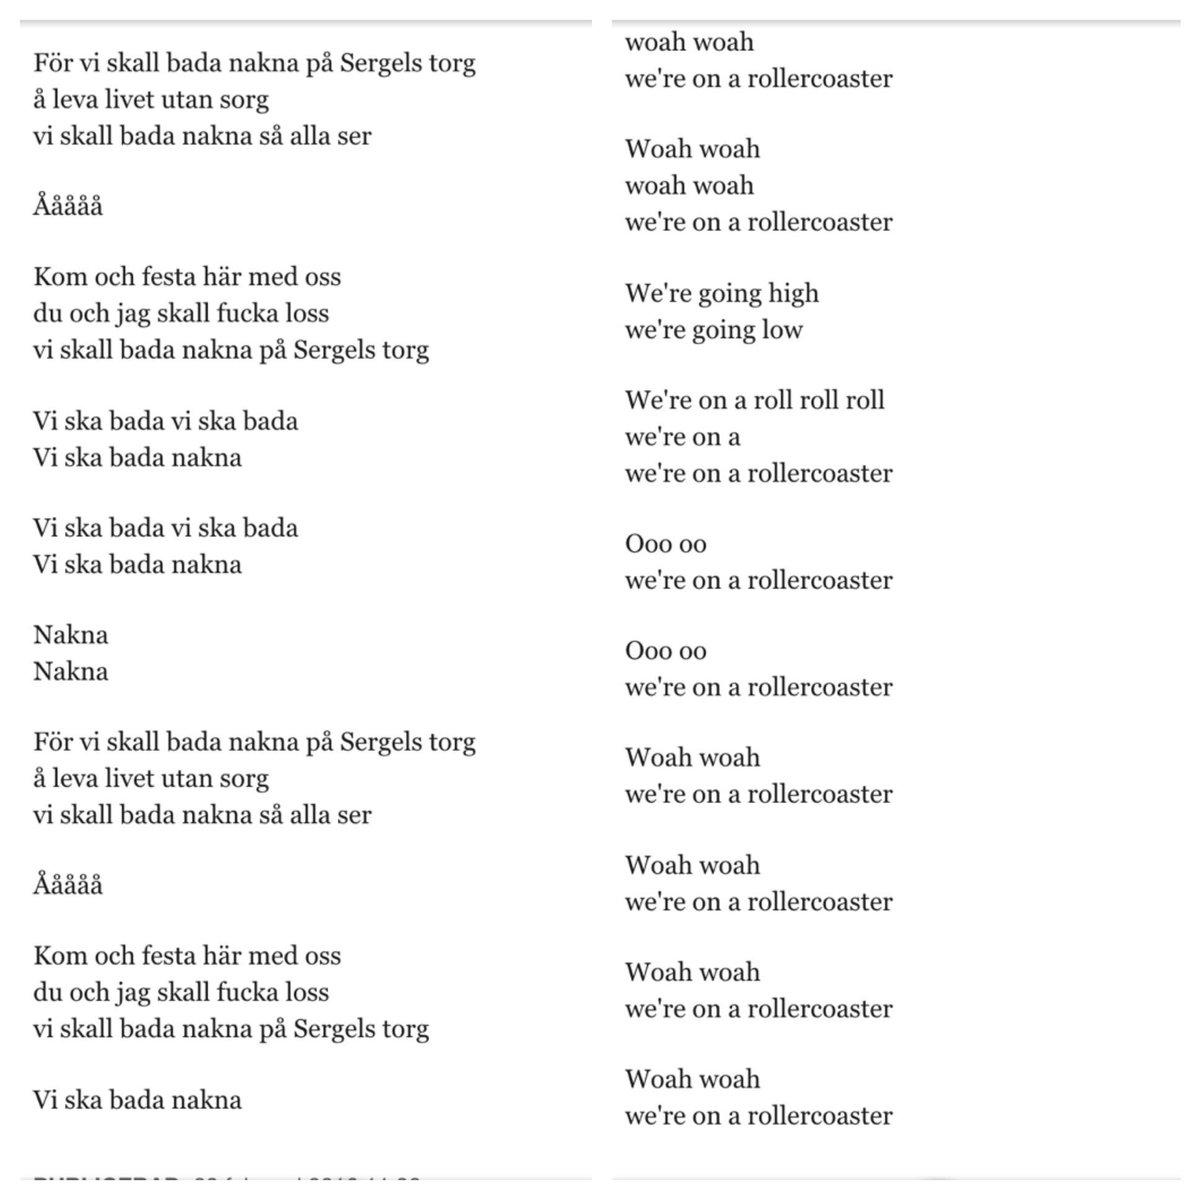 Duellen mellan Sveriges bästa textförfattare #melfest https://t.co/cM8CO9GNDJ